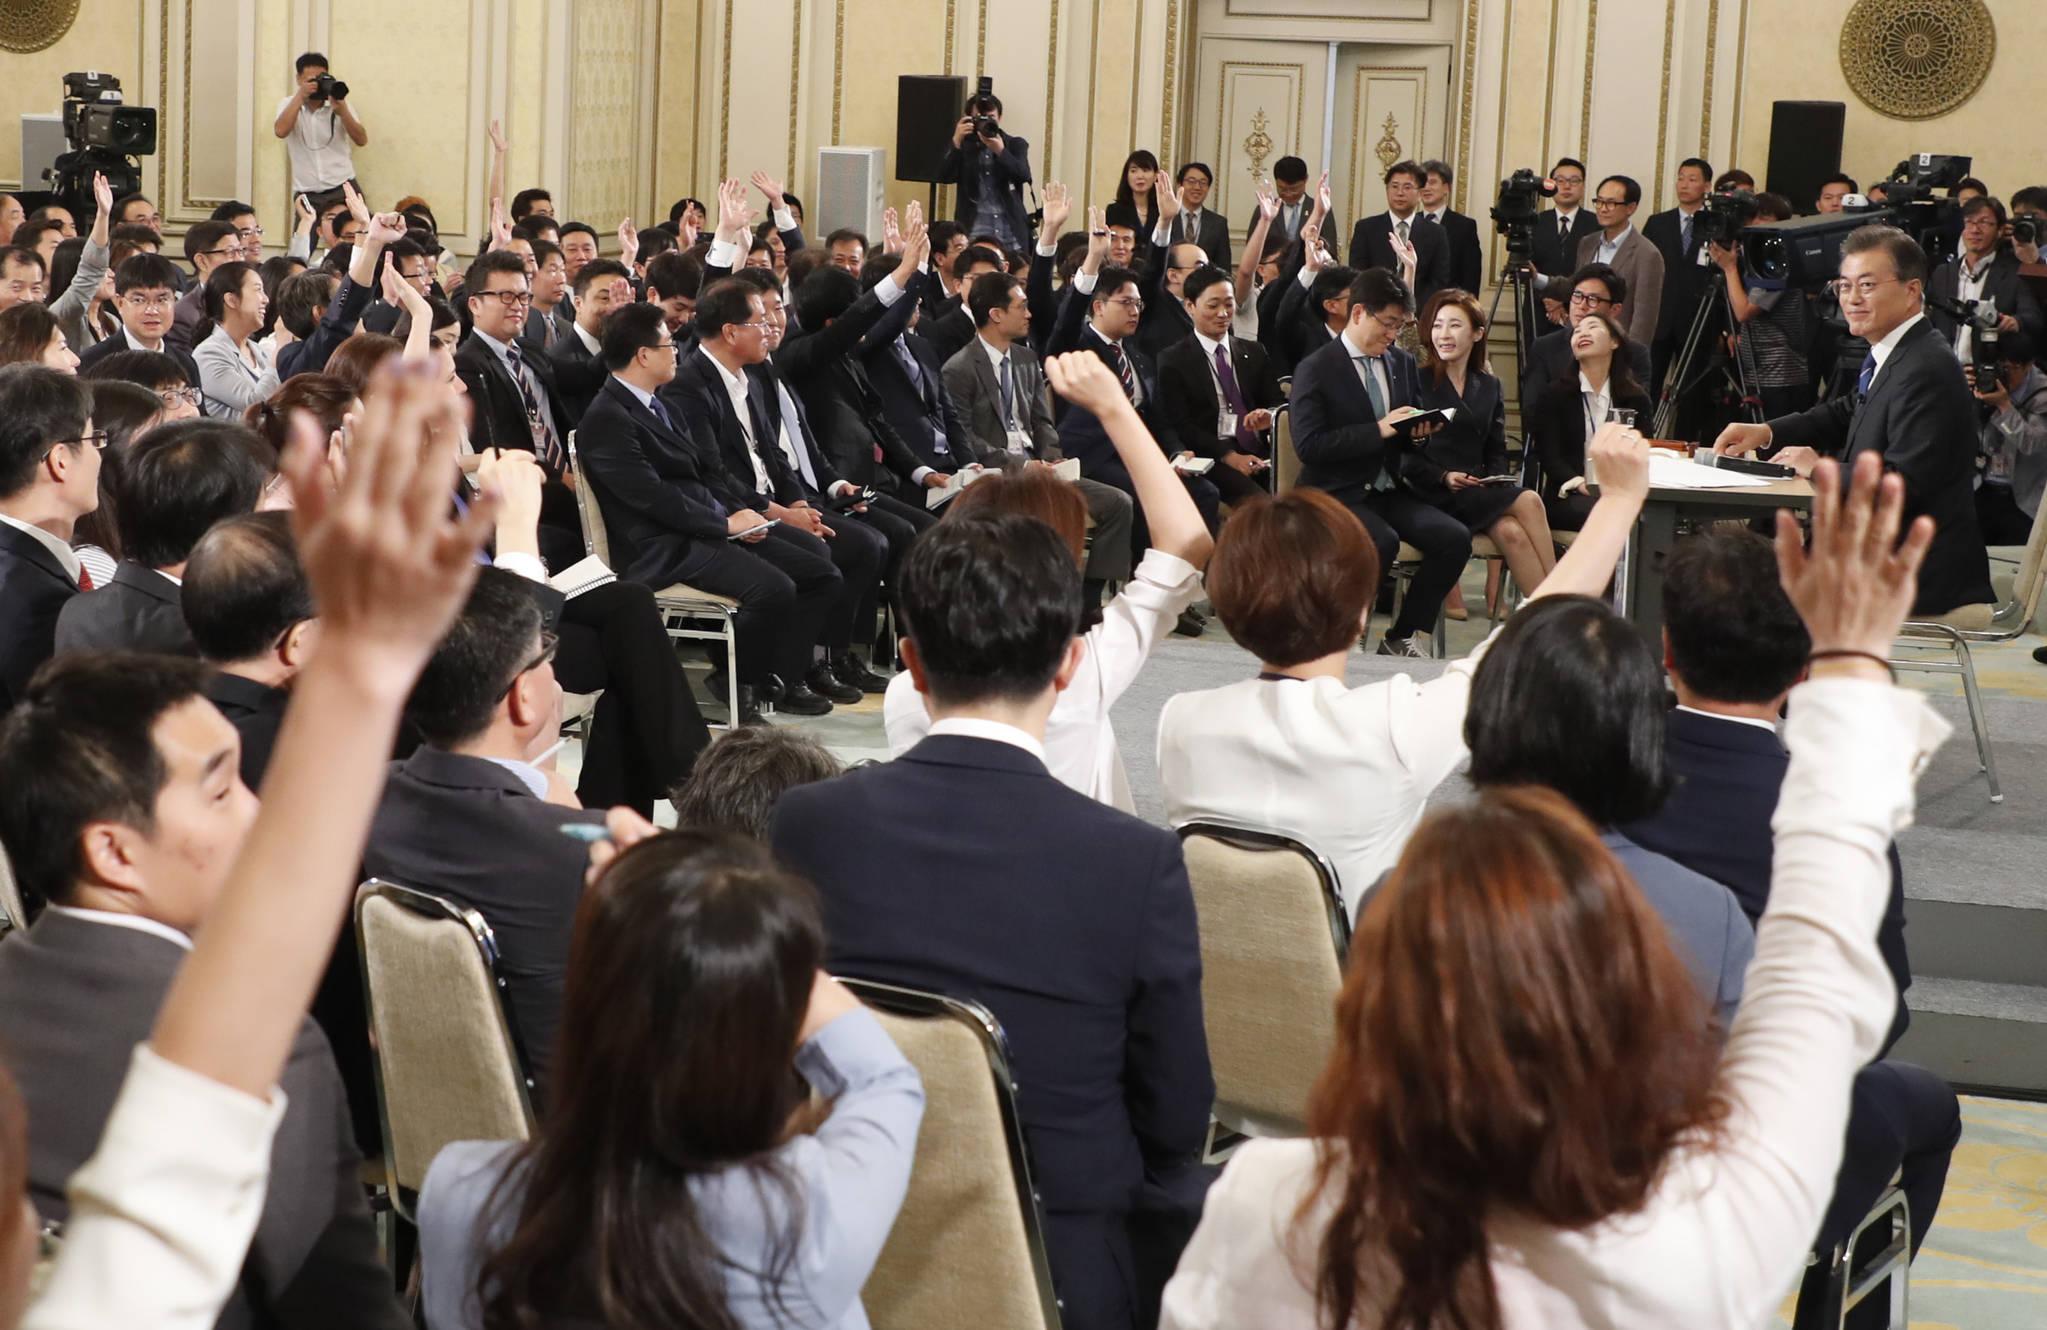 문재인 대통령 취임 100일을 맞아 8월 17일 오전 청와대 영빈관에서 열린 기자회견에서 문재인 대통령이 기자들이 질문을 하기위해 손을 들고 있다. 청와대사진기자단